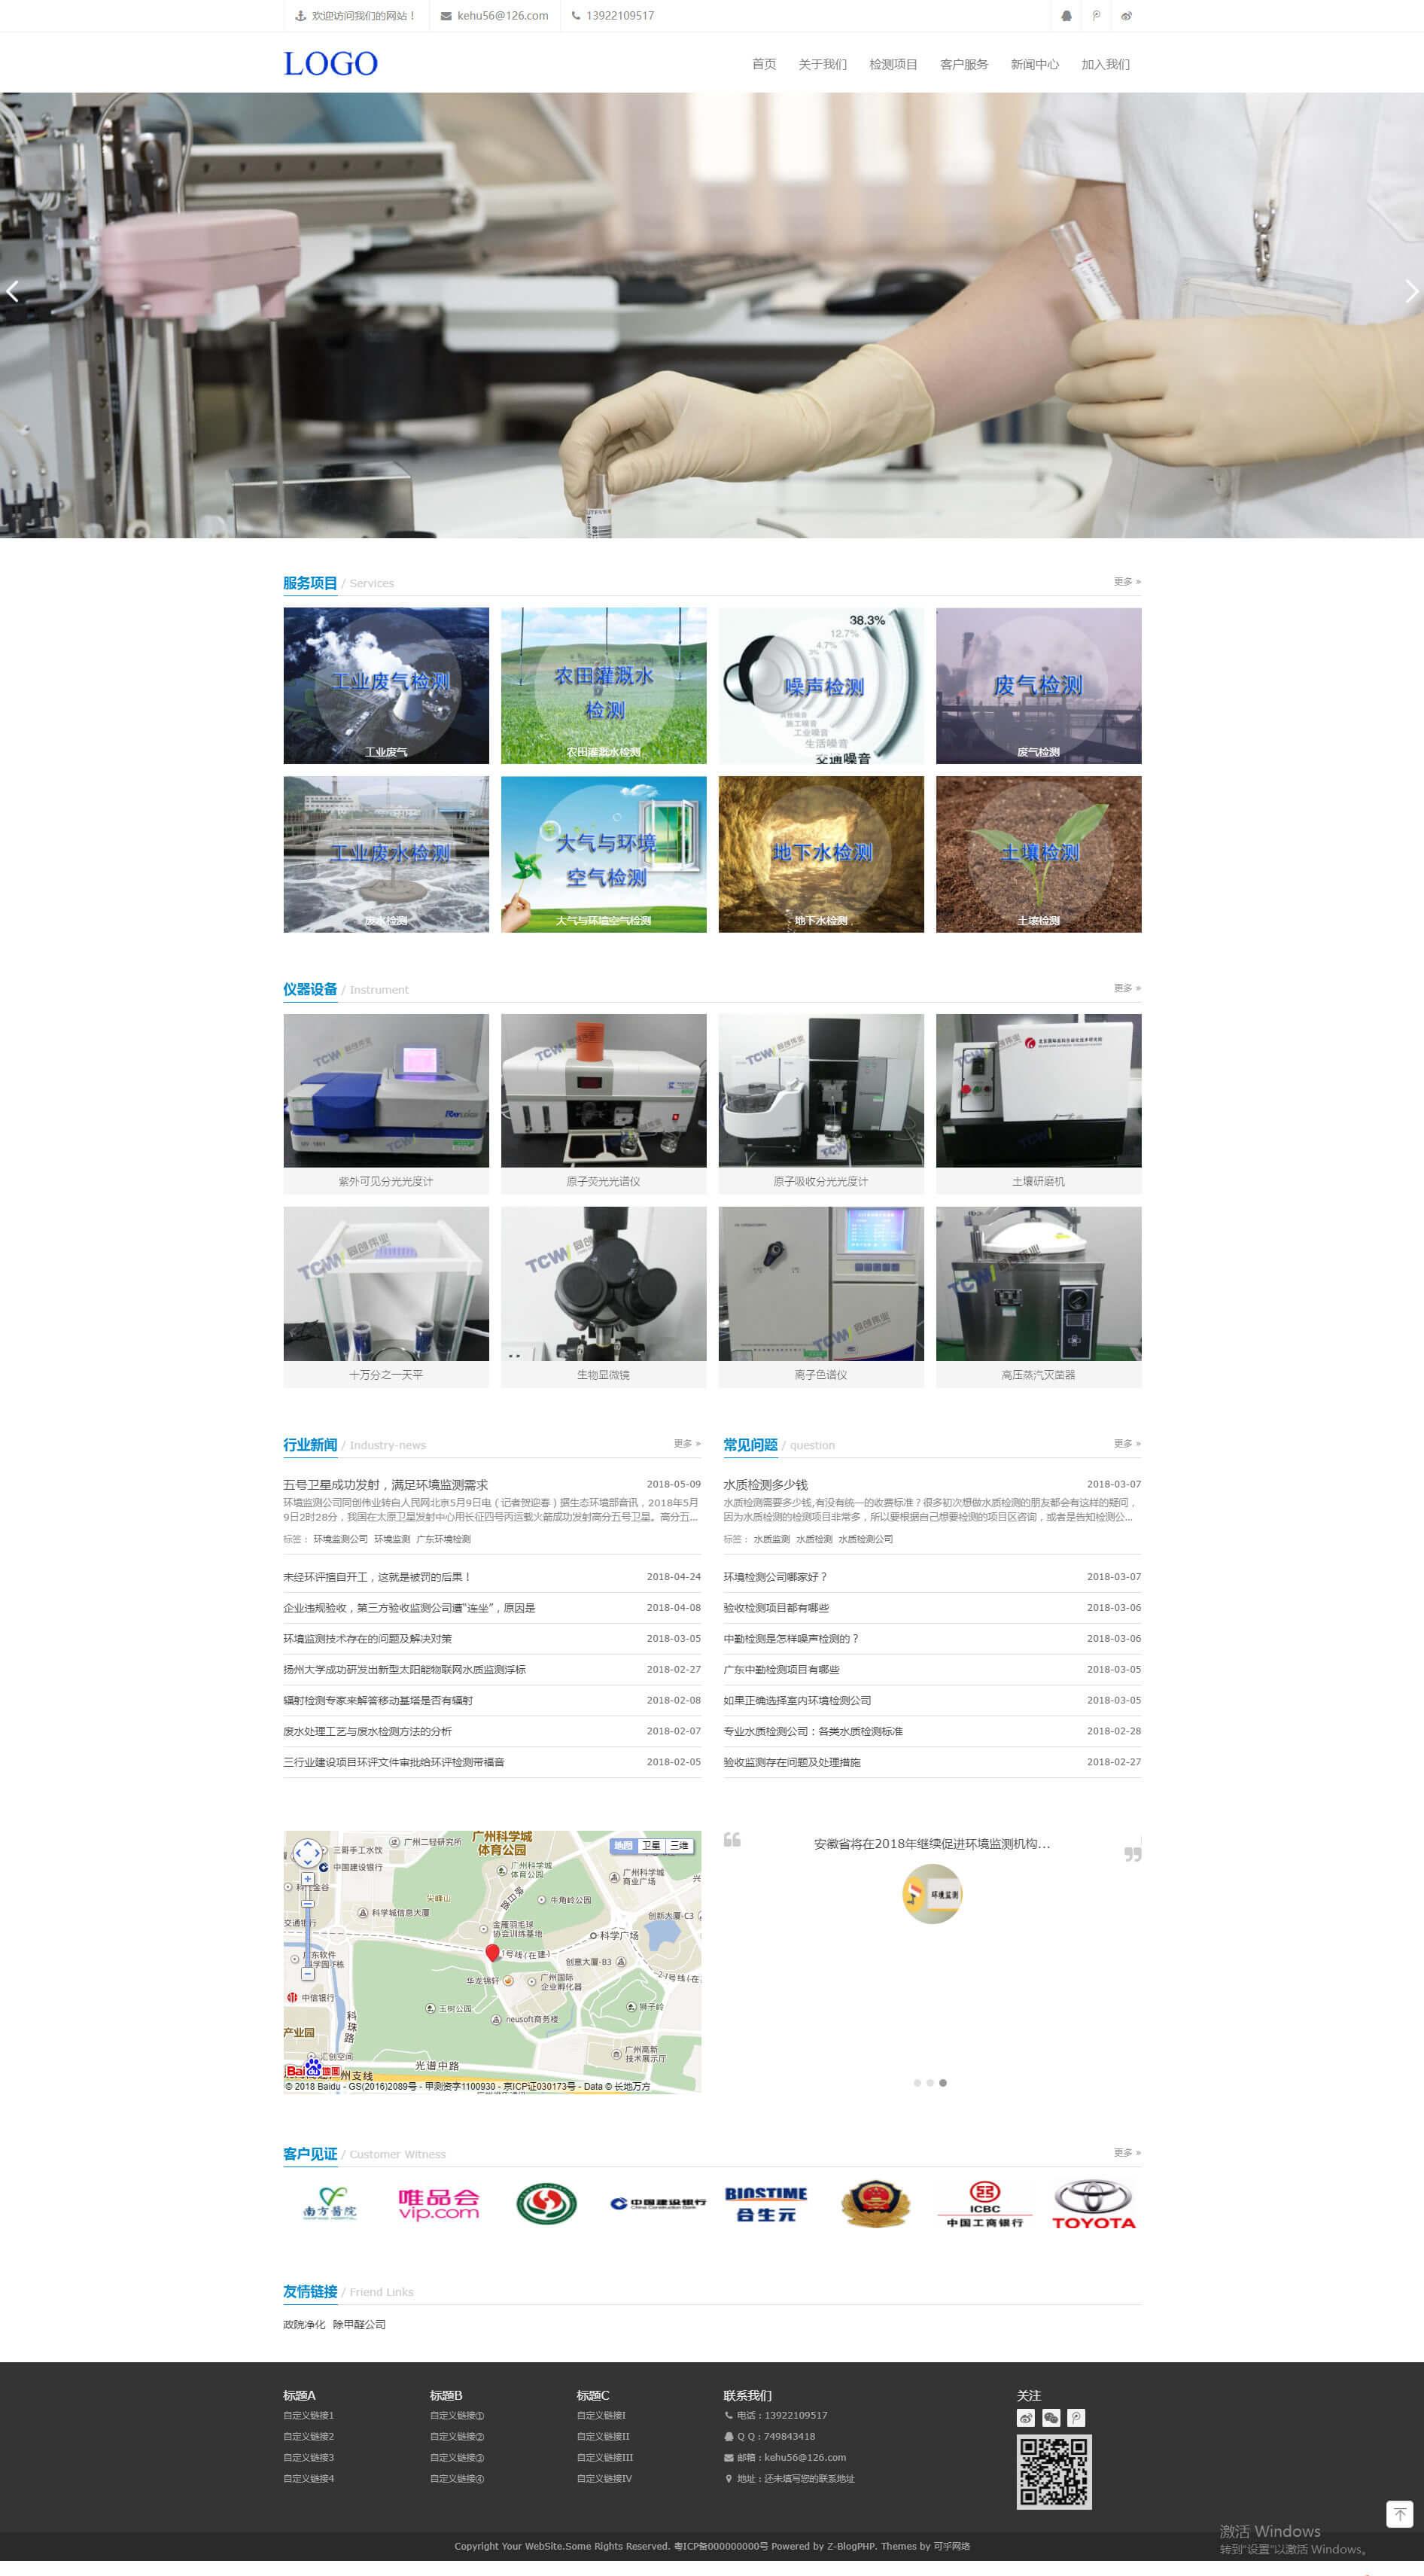 Zblog响应式企业mip网站模板KH007截图